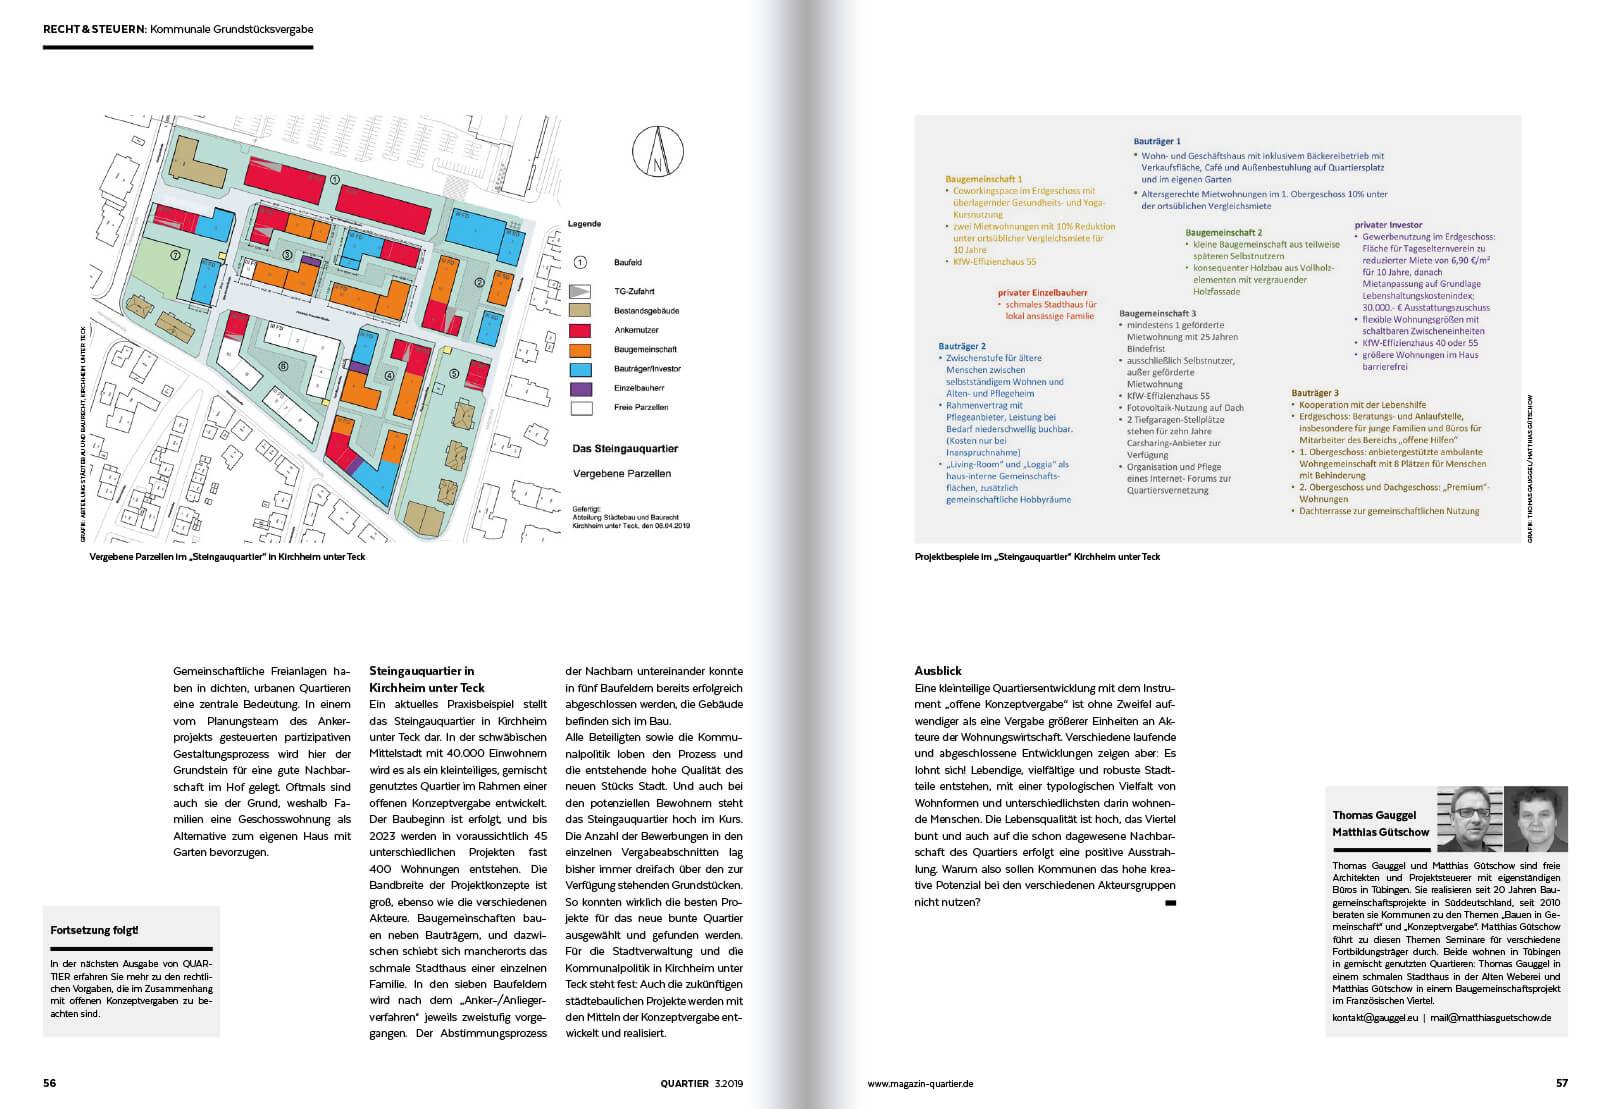 2019-08 Offene Konzeptvergabe in der Stadtentwicklung 3